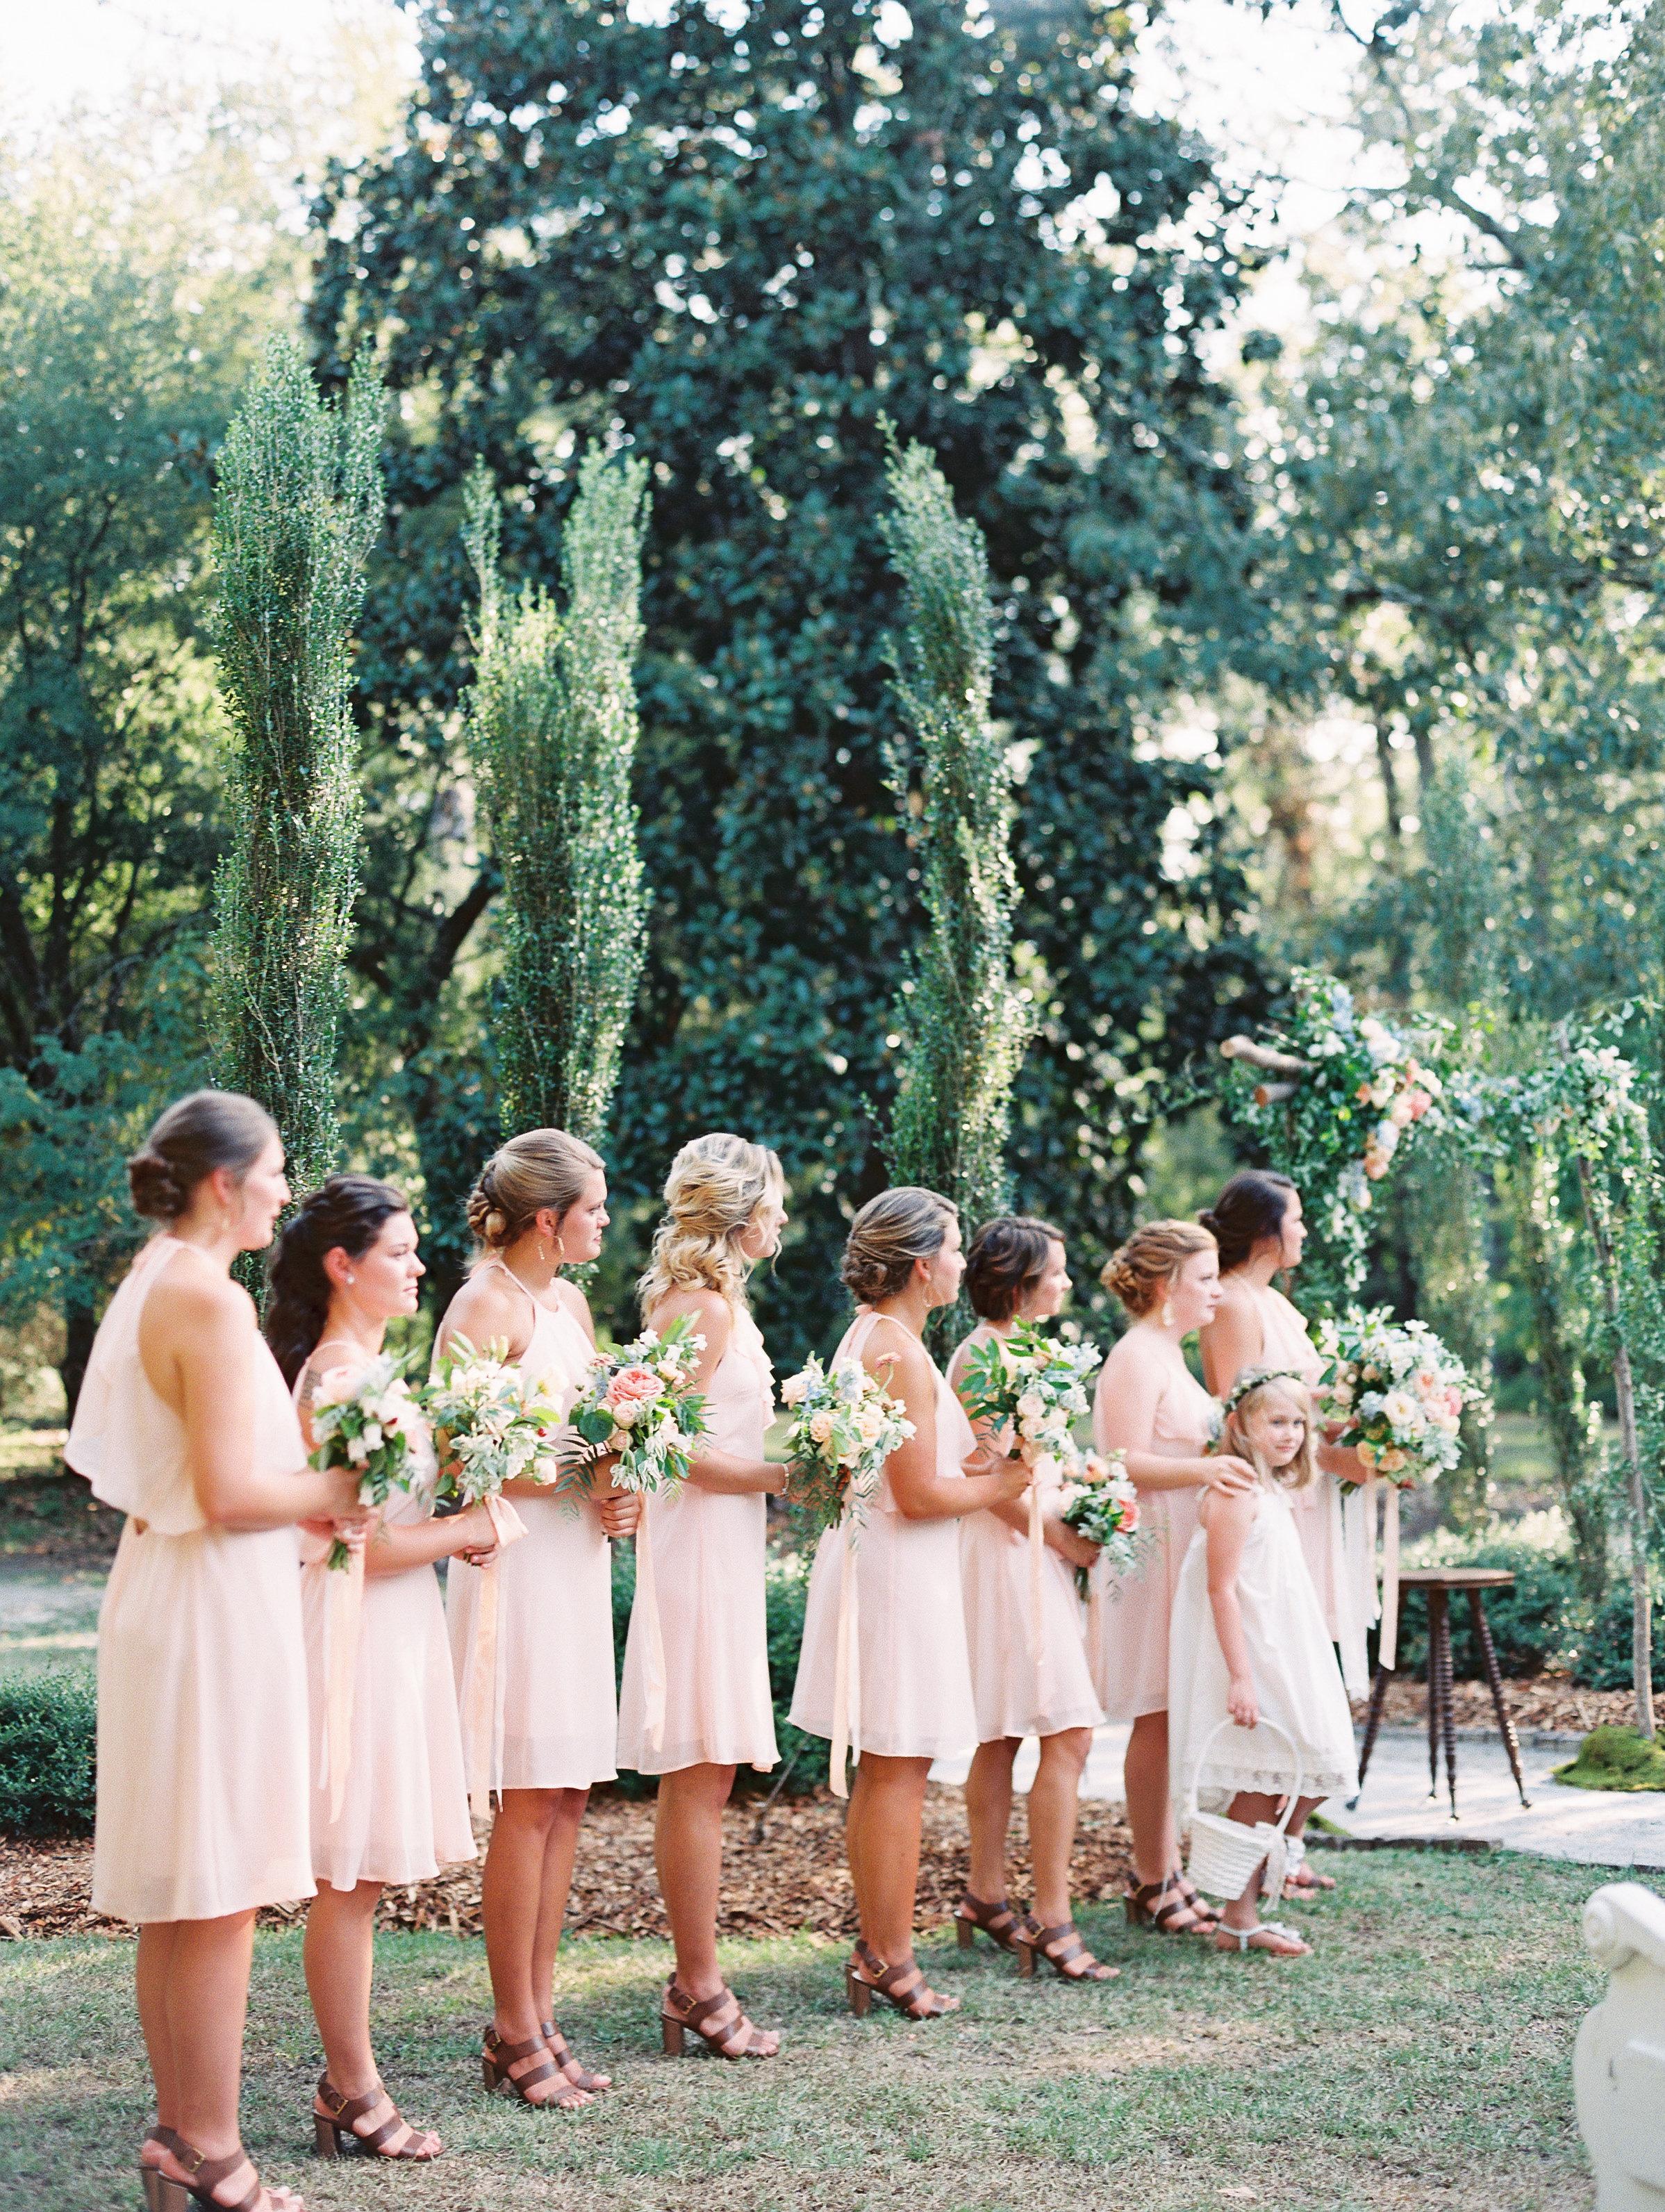 K&E_Ceremony-83.jpg